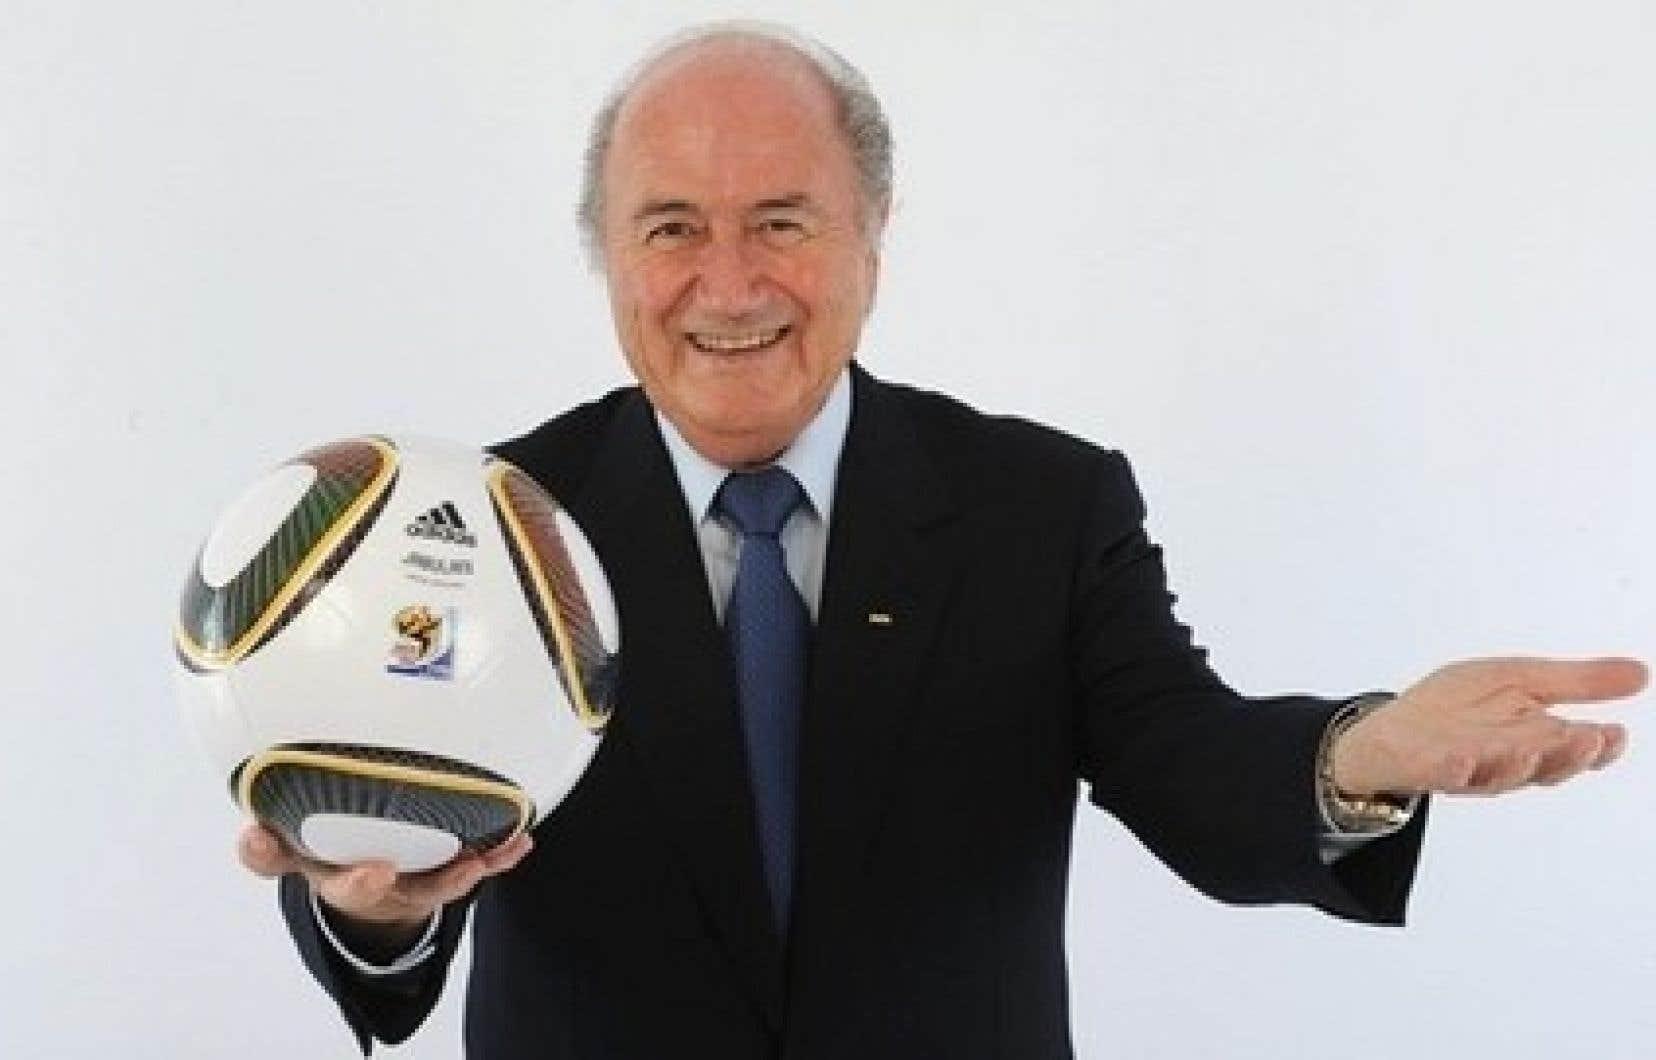 Le président de la FIFA Joseph Blatter